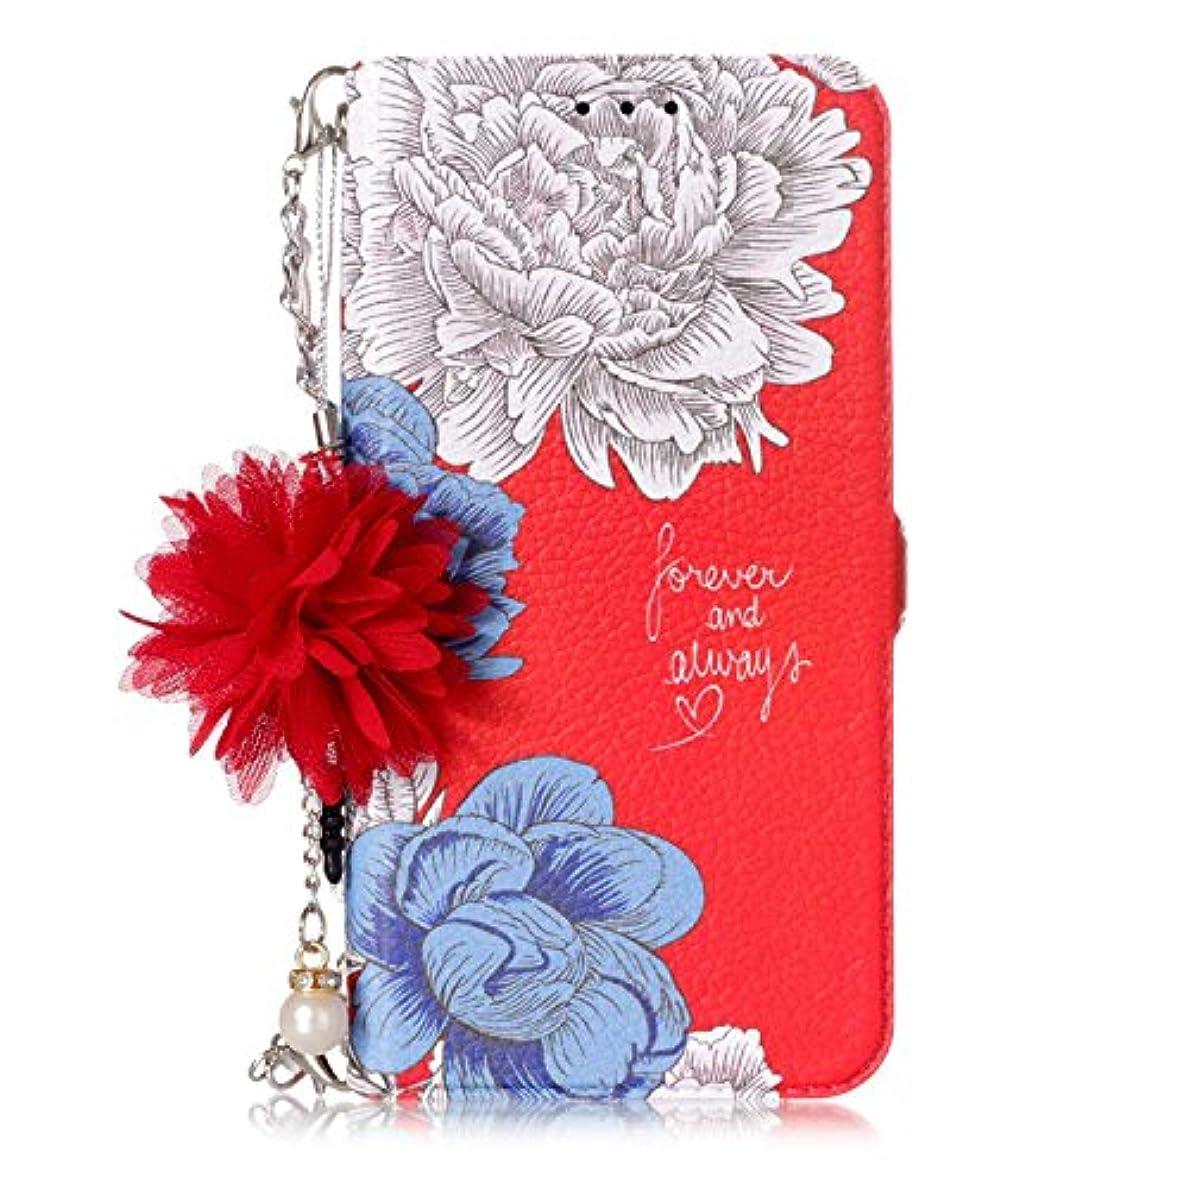 起業家徒歩で守るOMATENTI Galaxy S6 Edge ケース, 簡約風 軽量 PU レザー 財布型 カバー ケース, こがら 花柄 人気 かわいい レディース用 ケース ザー カード収納 スタンド 機能 マグネット, Galaxy...